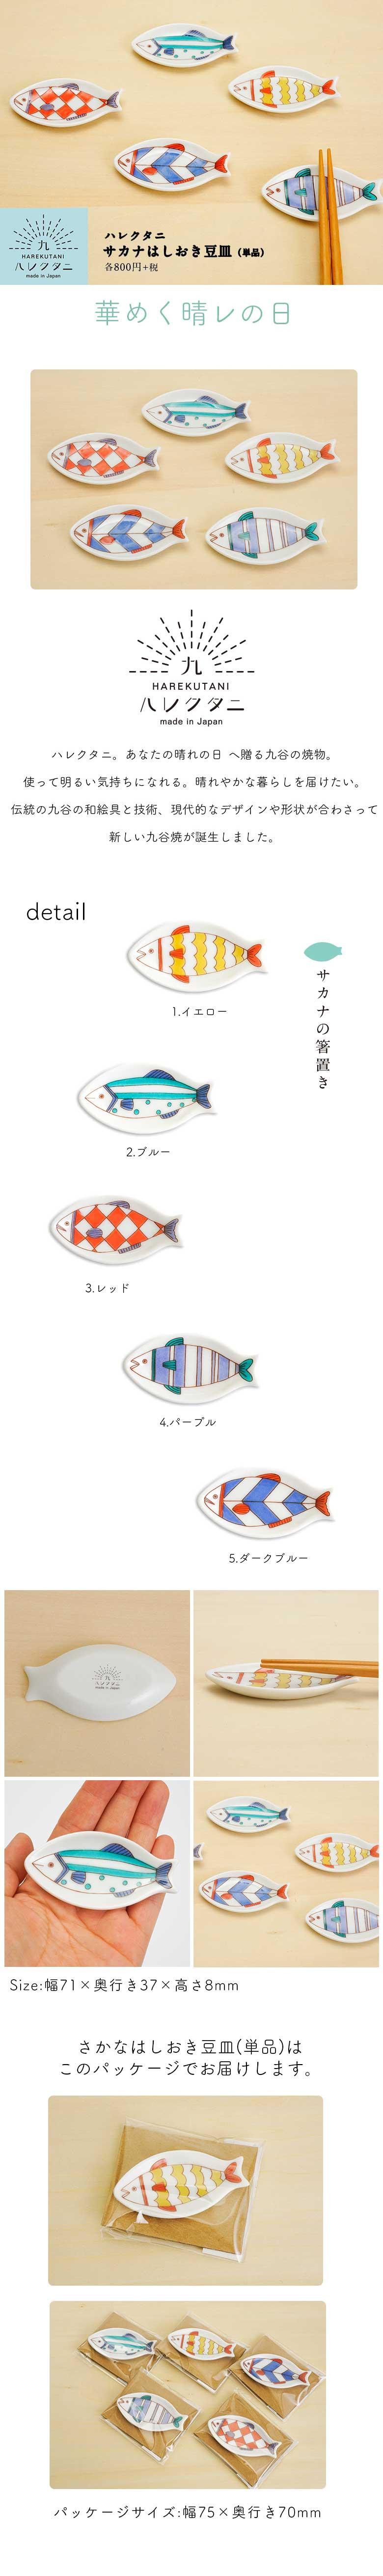 【九谷焼】サカナはしおき豆皿/ハレクタニ